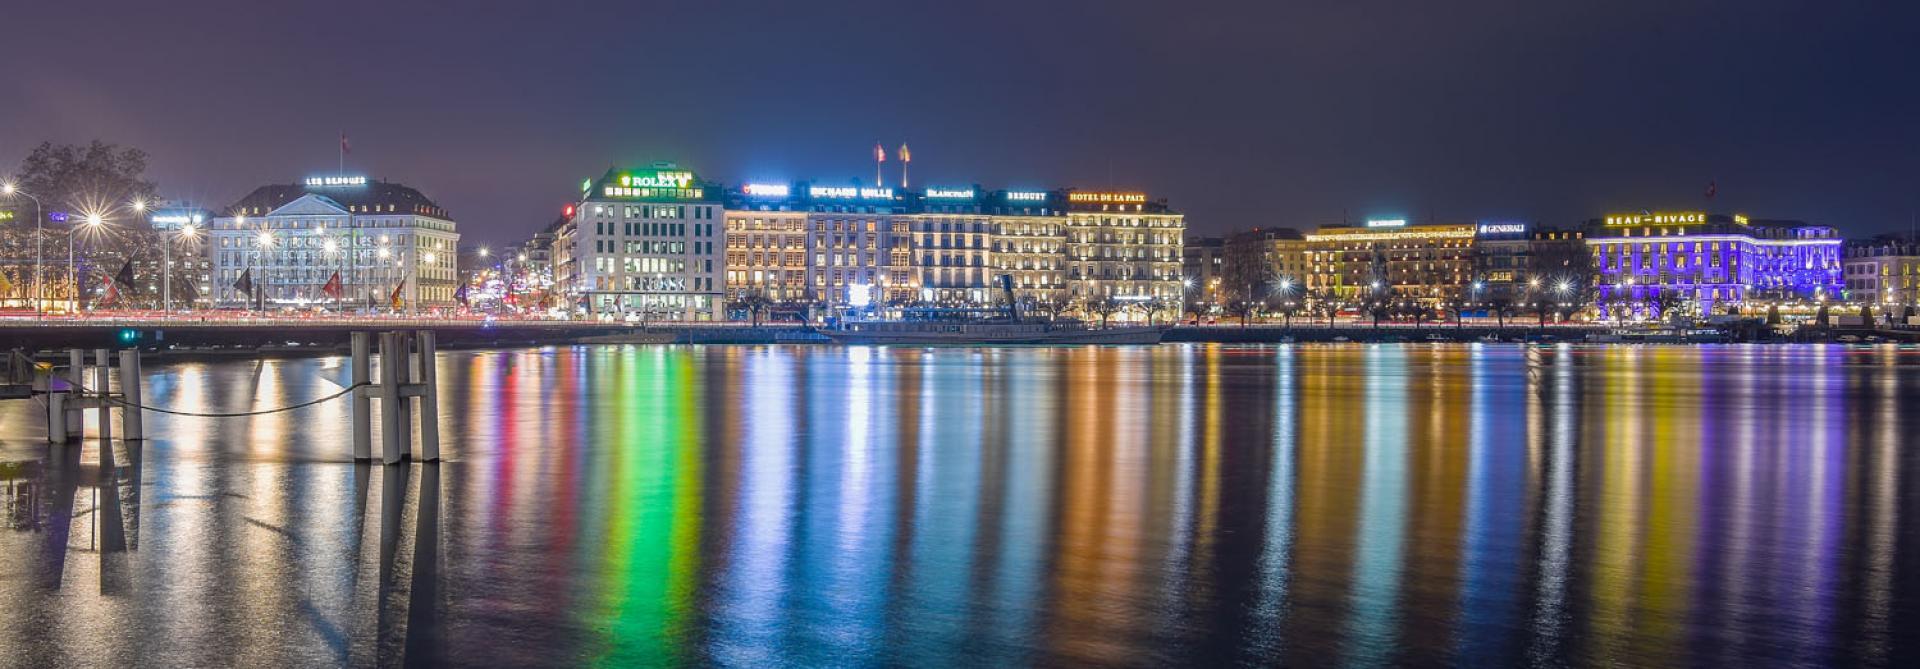 La nuit est belle in Geneva